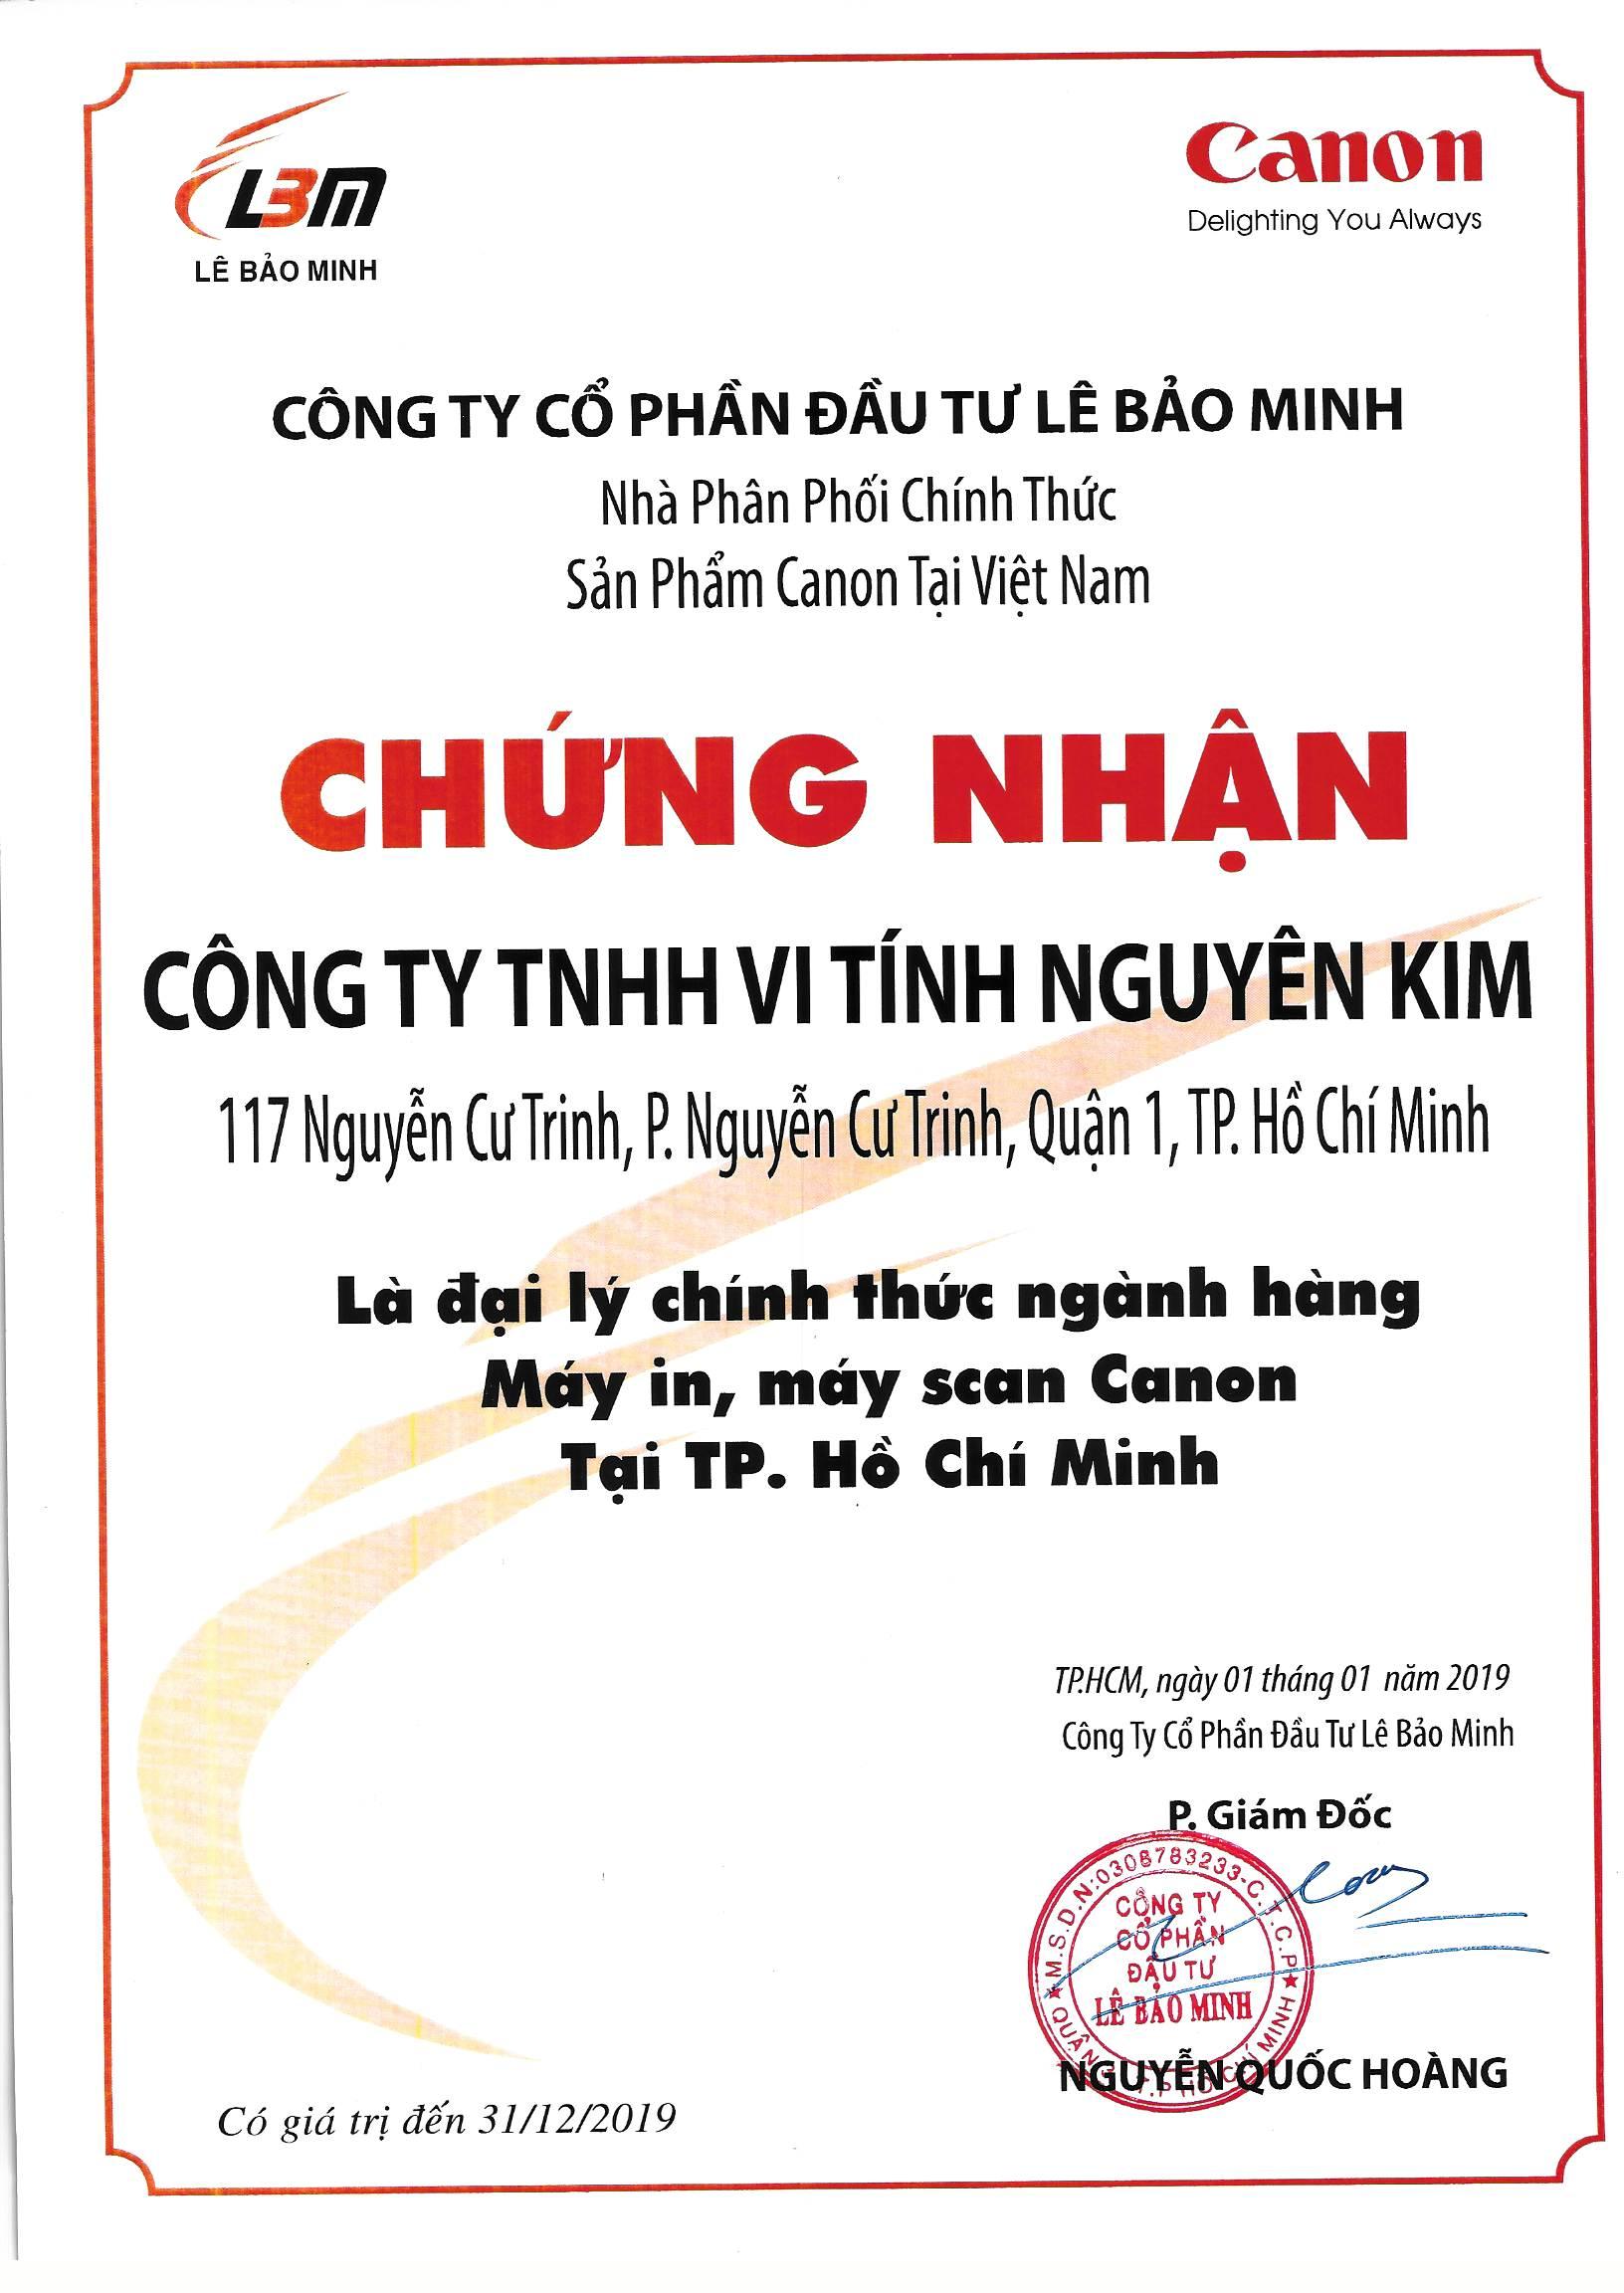 Chứng nhận đại lý chính thức của Canon tại Việt Nam năm 2019